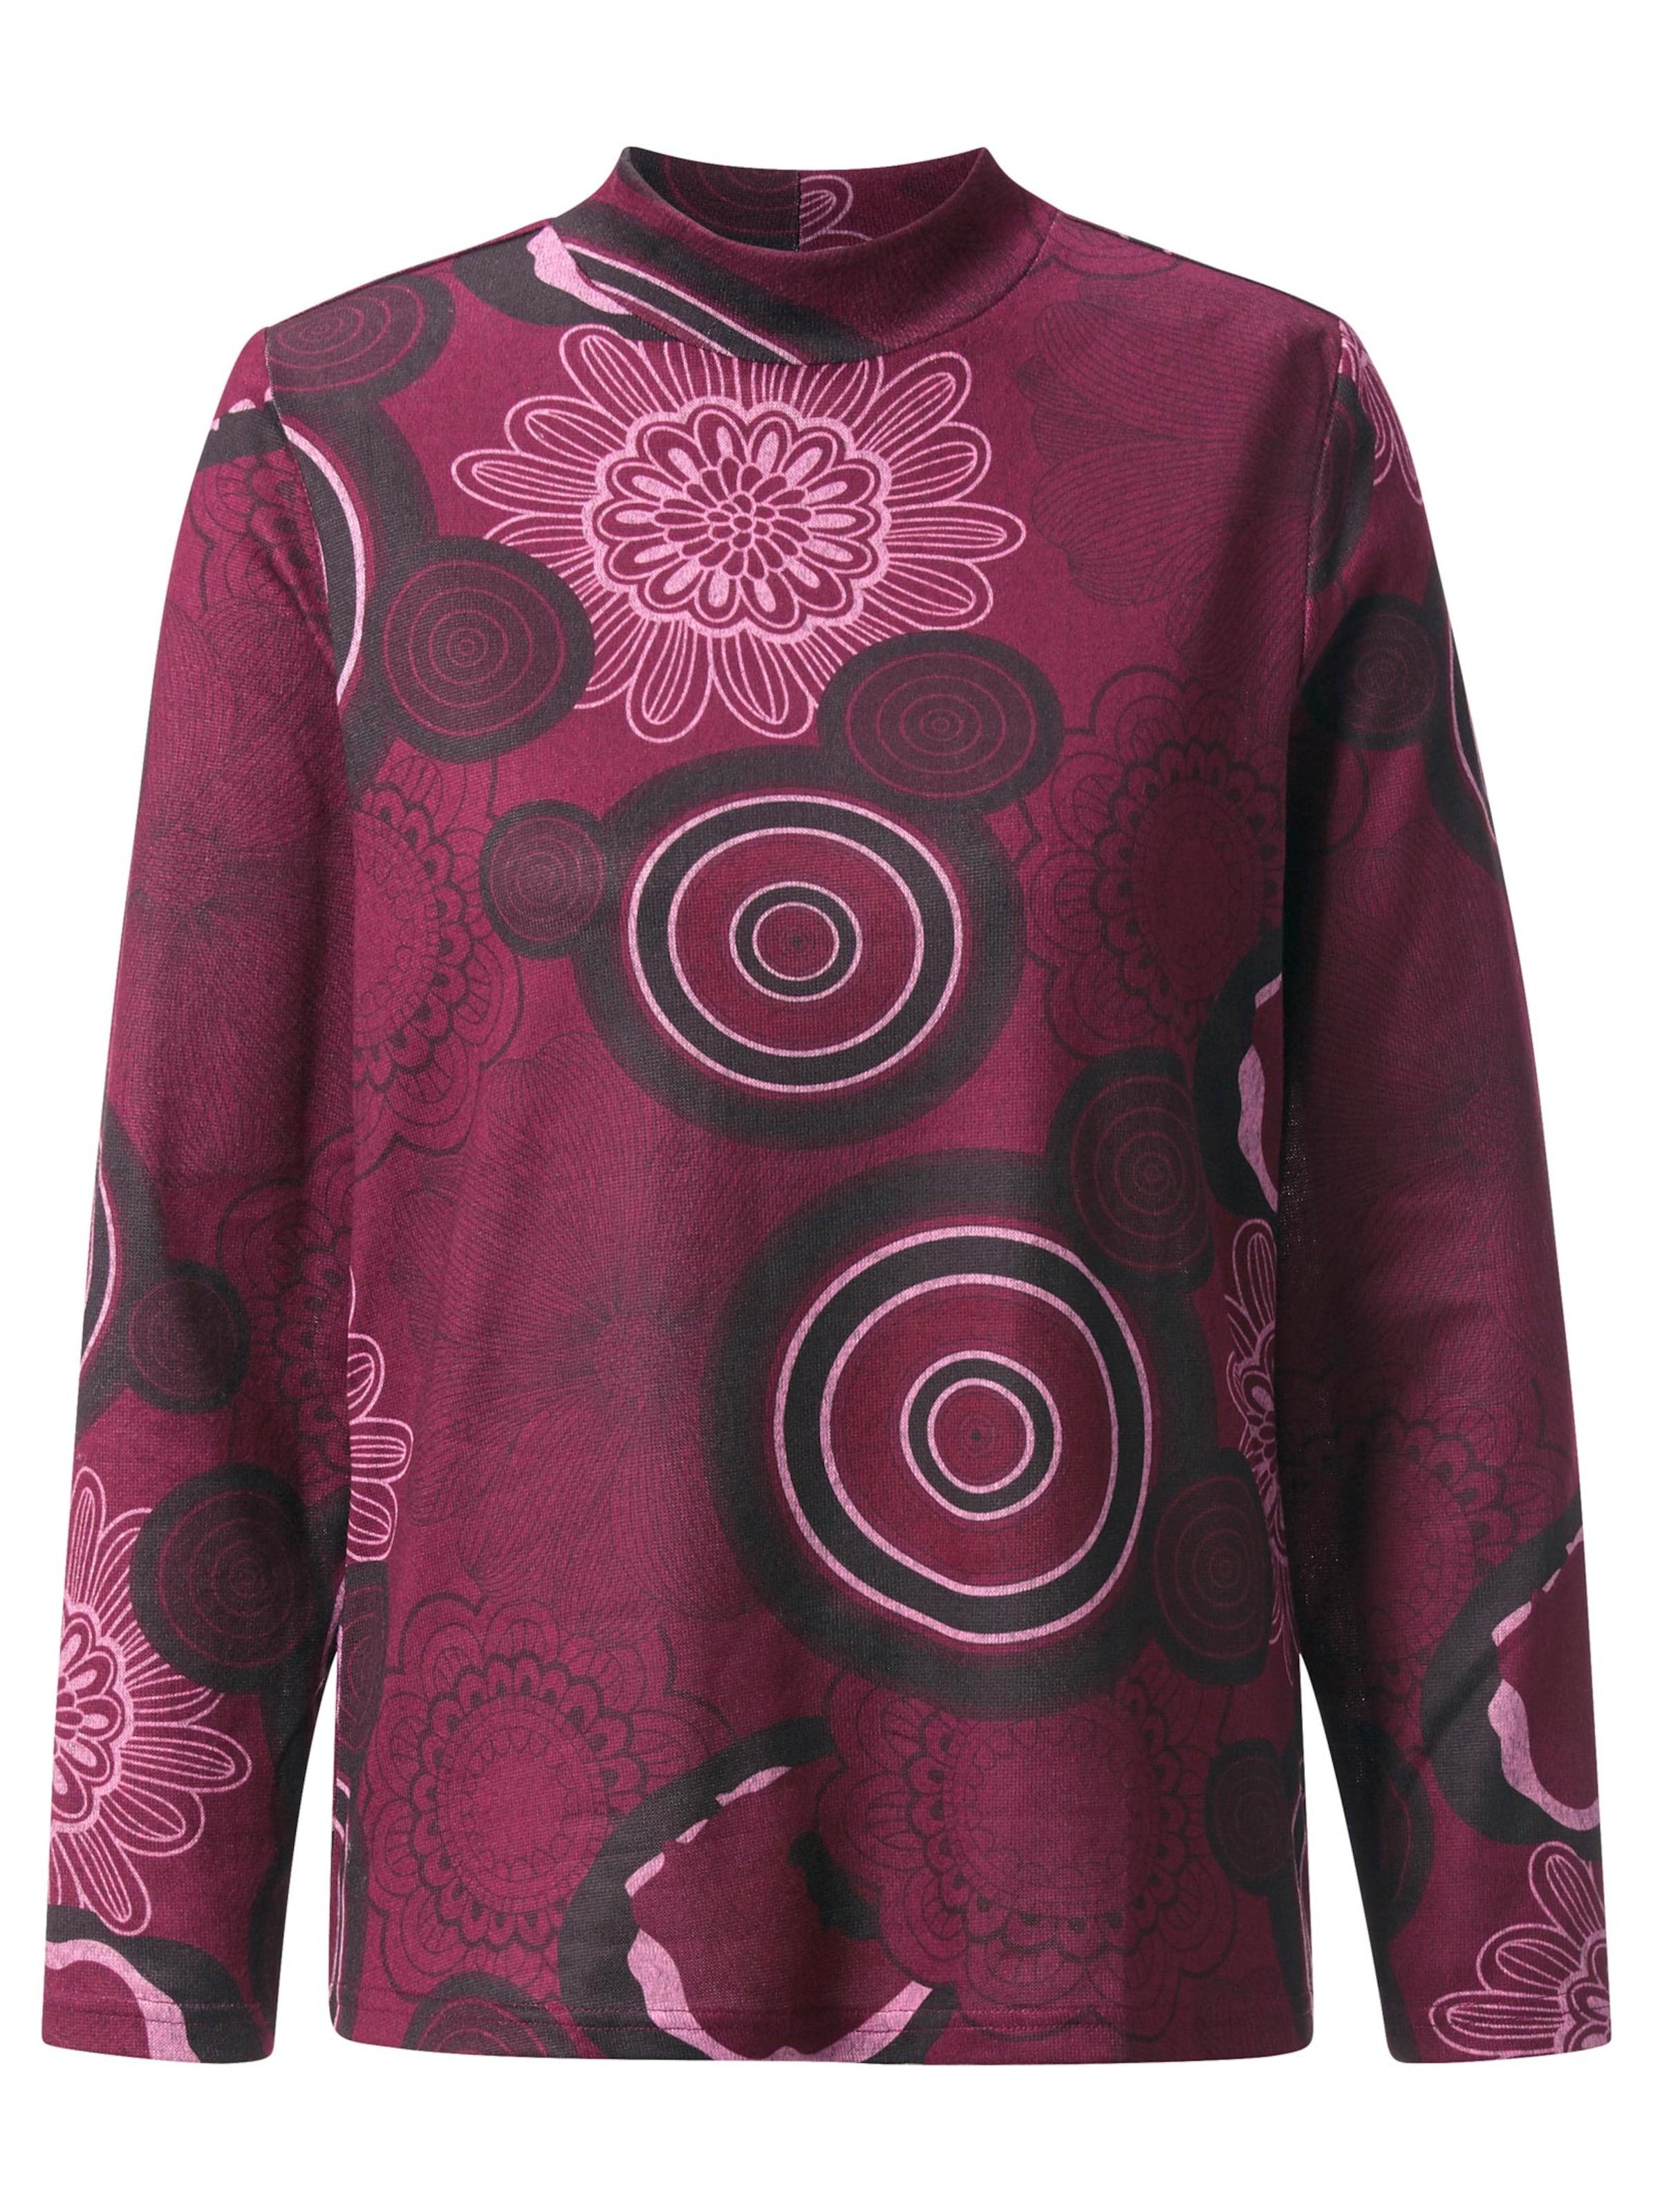 witt weiden -  Damen Winter-Shirt bordeaux-bedruckt